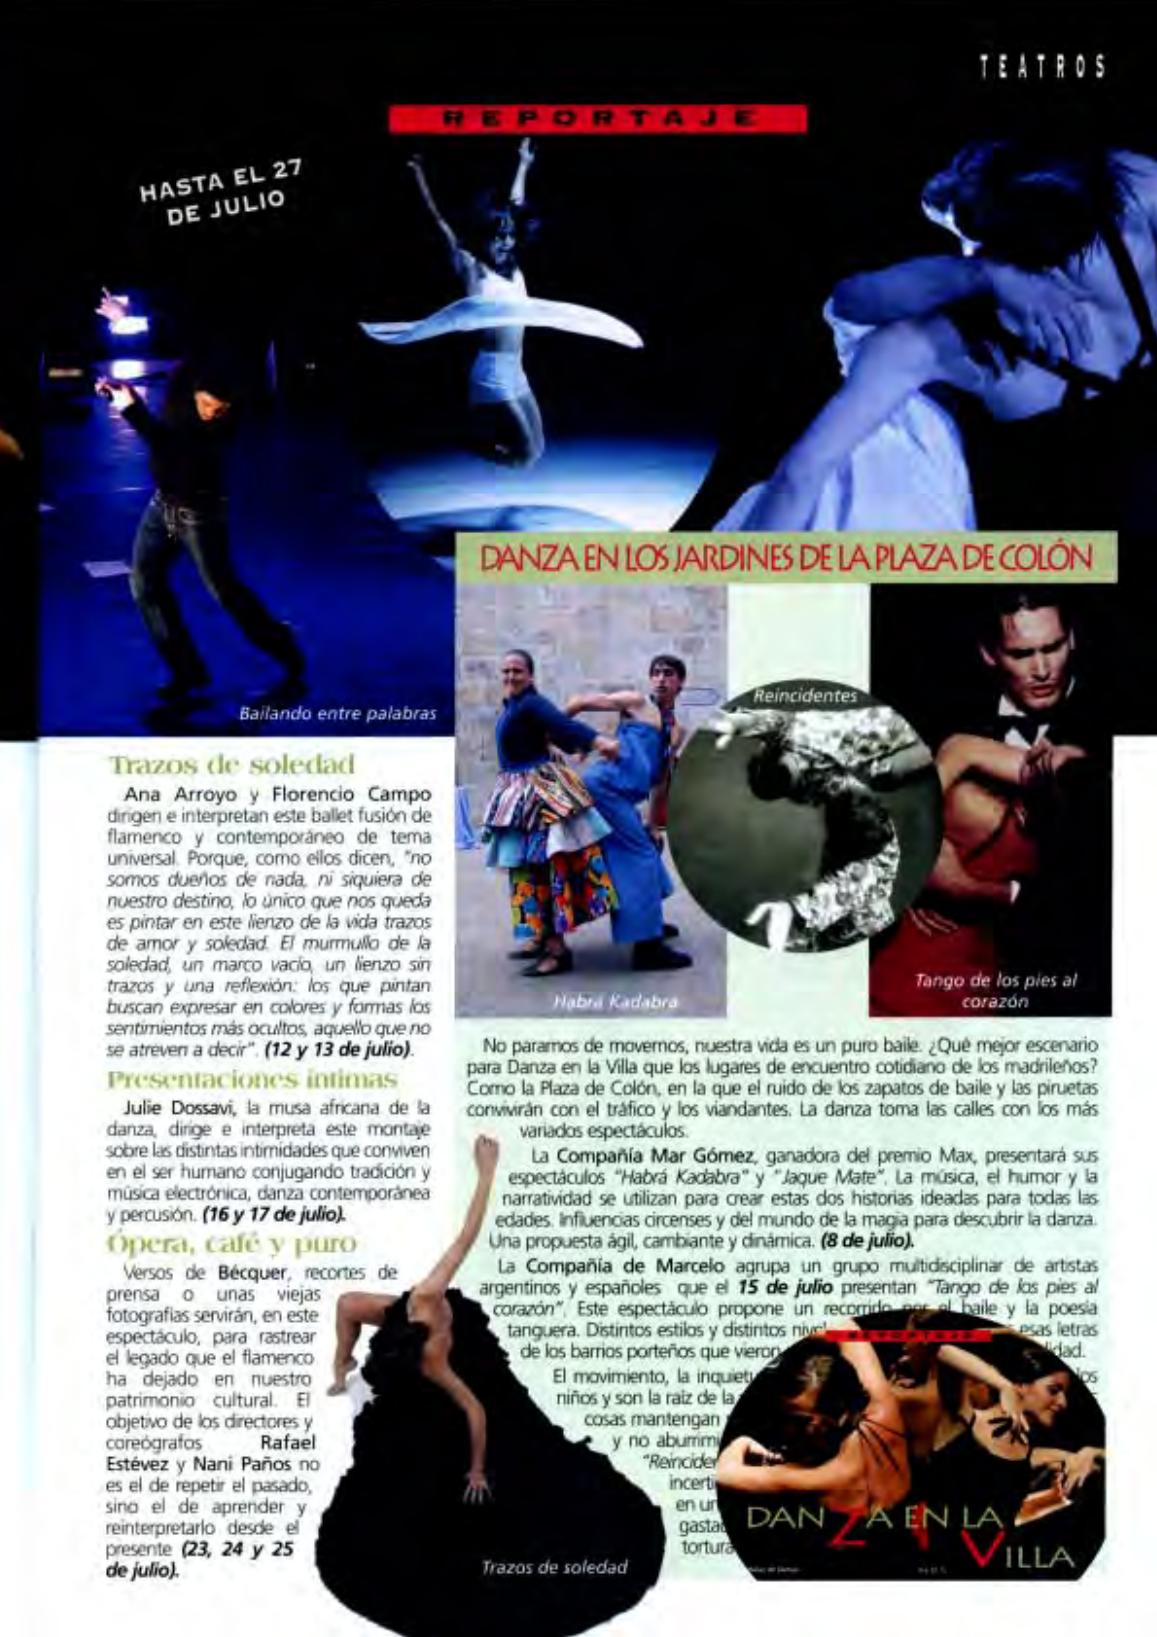 Prensa.THODW